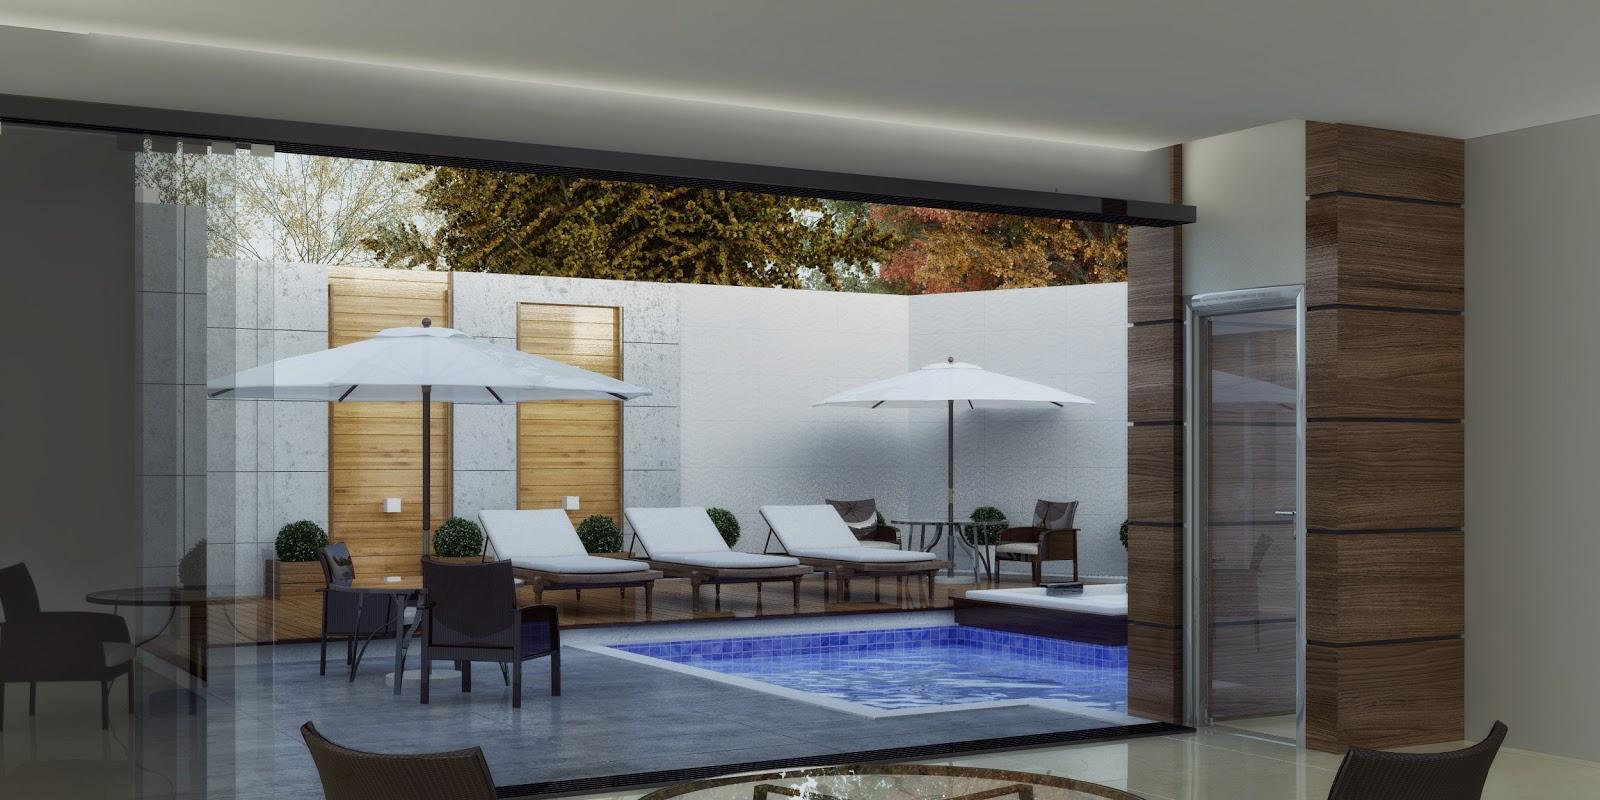 3dsul maquete eletr nica 3d casa moderna com piscina for Casa moderna 4 ambientes